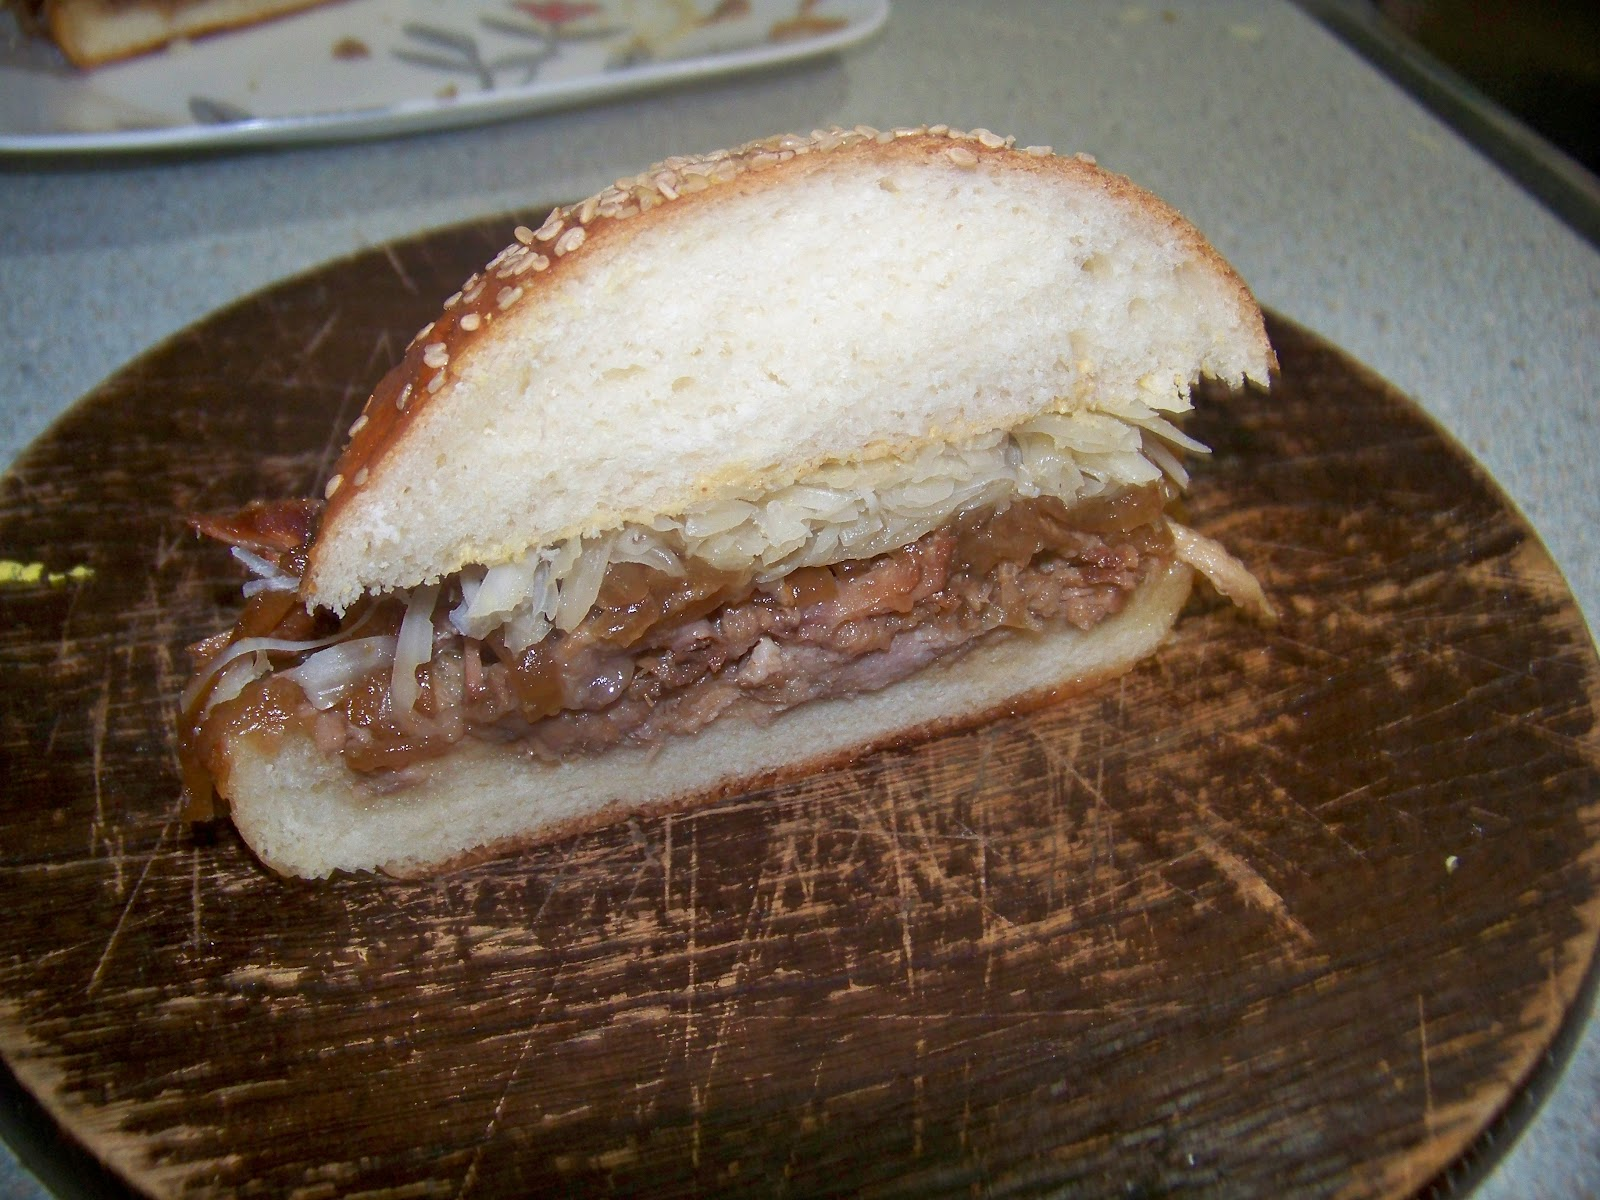 la cuill riste sandwich de pique nique de porc l 39 oignon. Black Bedroom Furniture Sets. Home Design Ideas